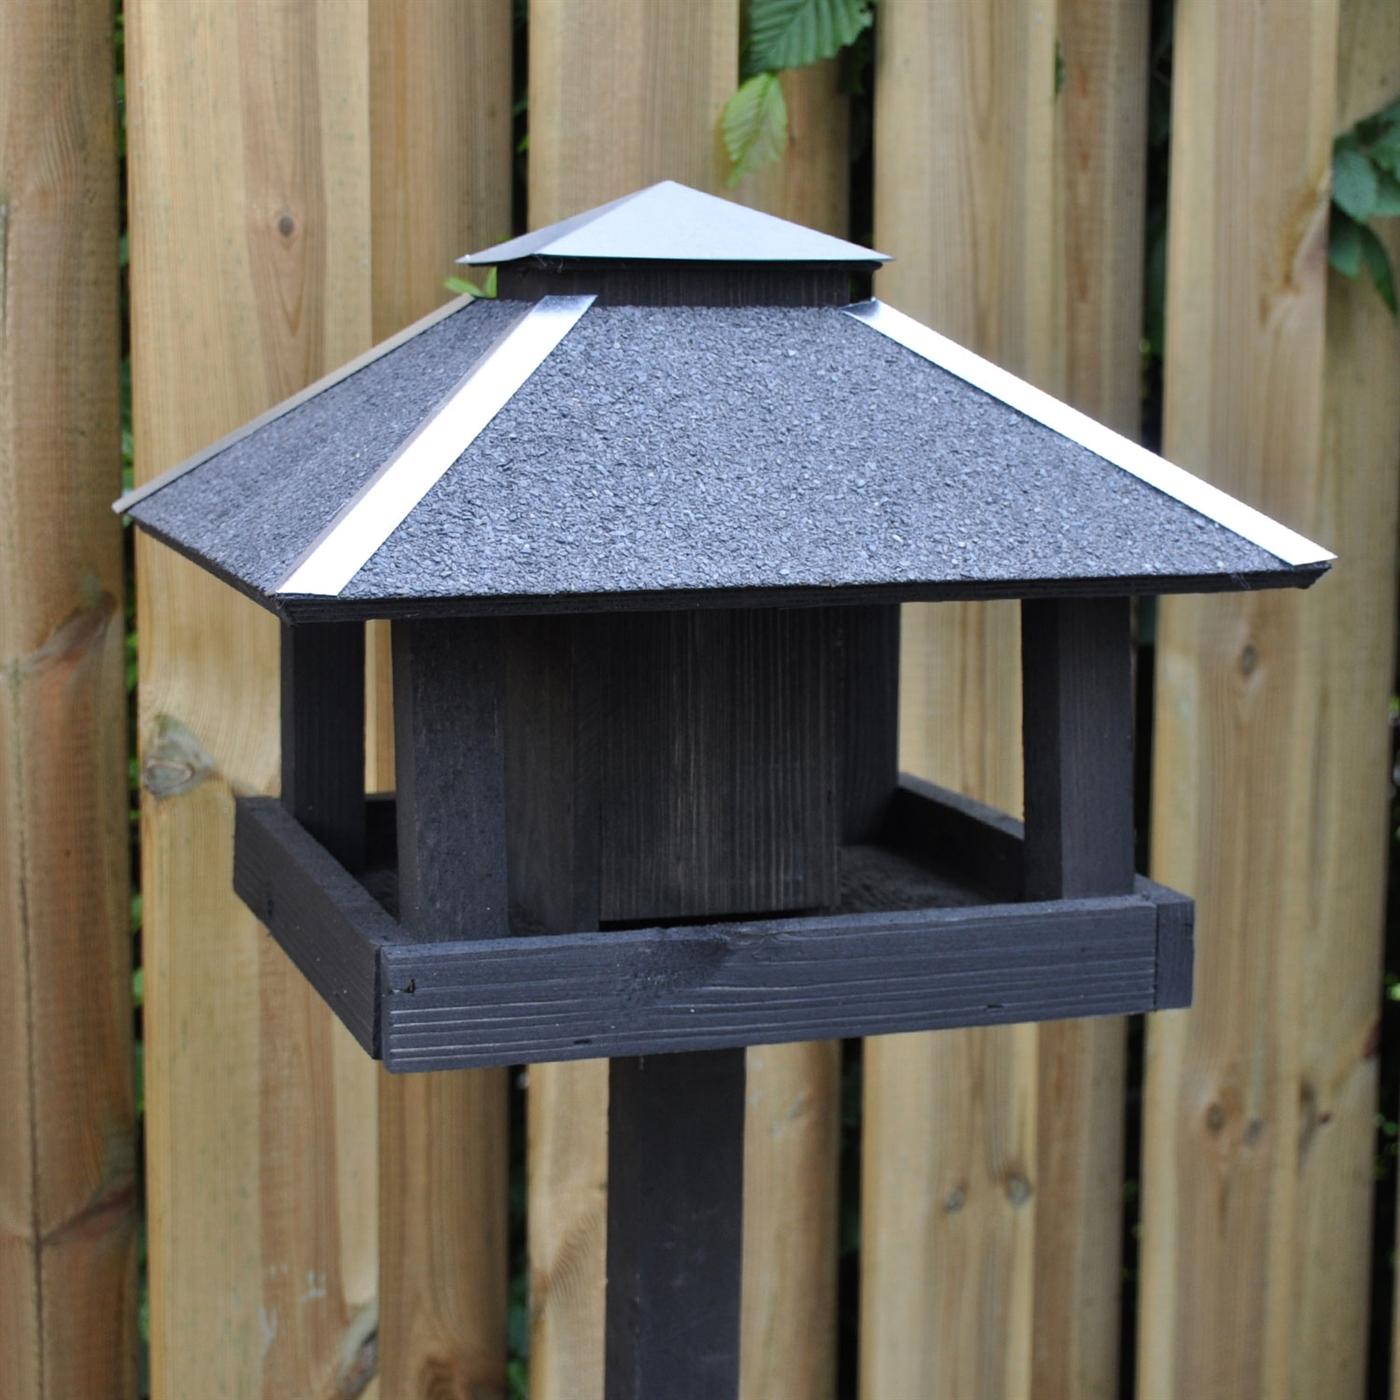 futterhaus vejers standfu vogelvilla vogelhaus vogelh uschen vogelfutter eur 49 90. Black Bedroom Furniture Sets. Home Design Ideas